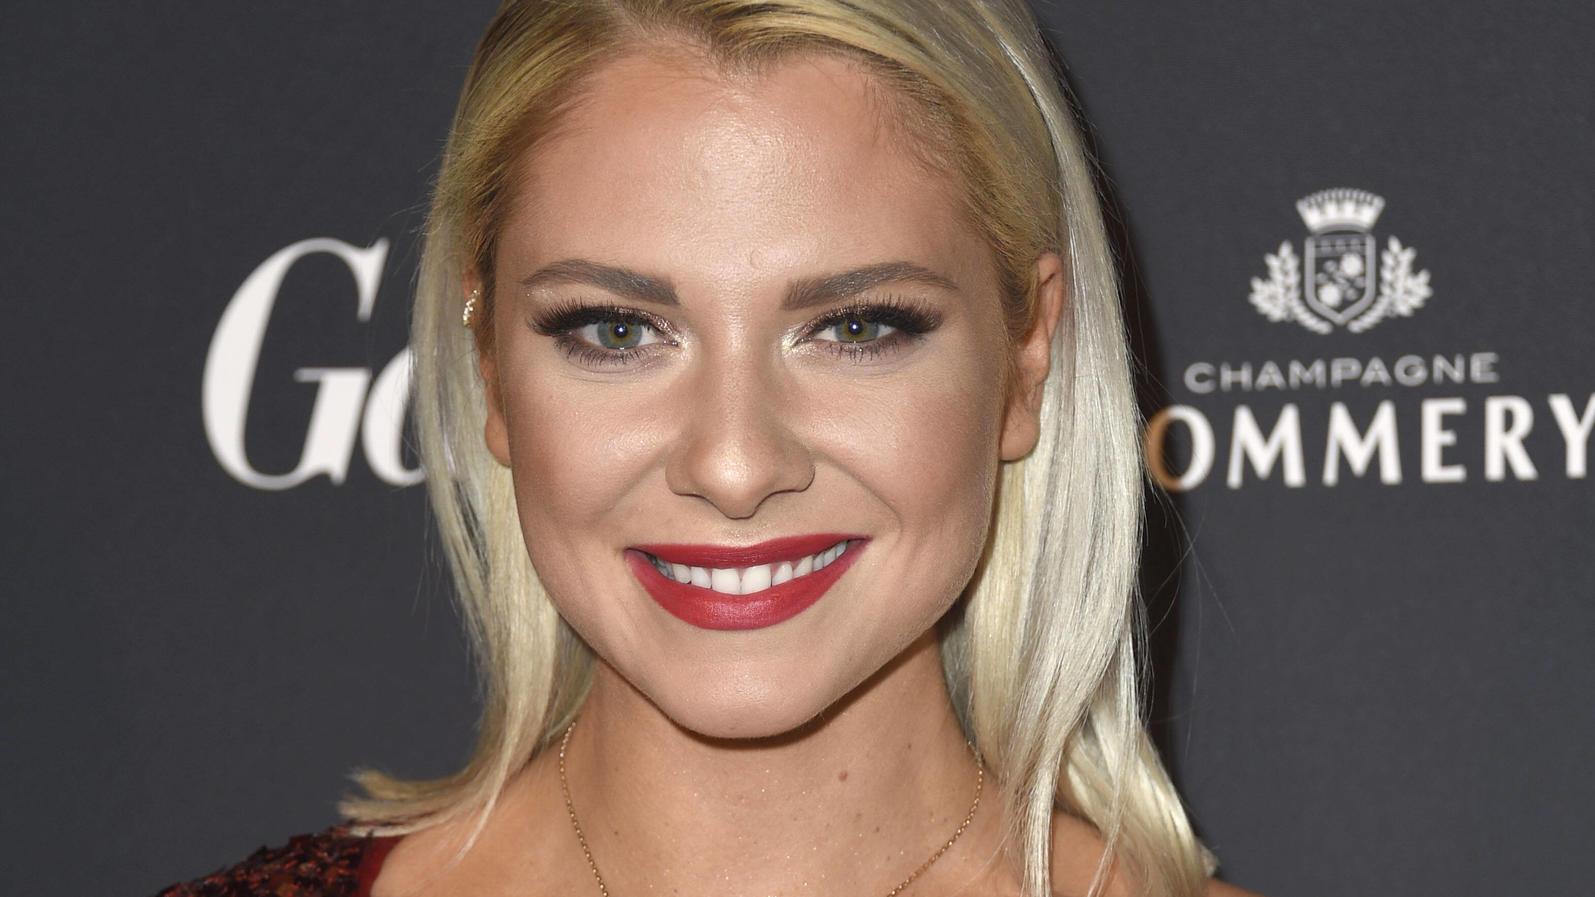 GZSZ-Star Valentina Pahde sieht auch ohne Make-up umwerfend aus.